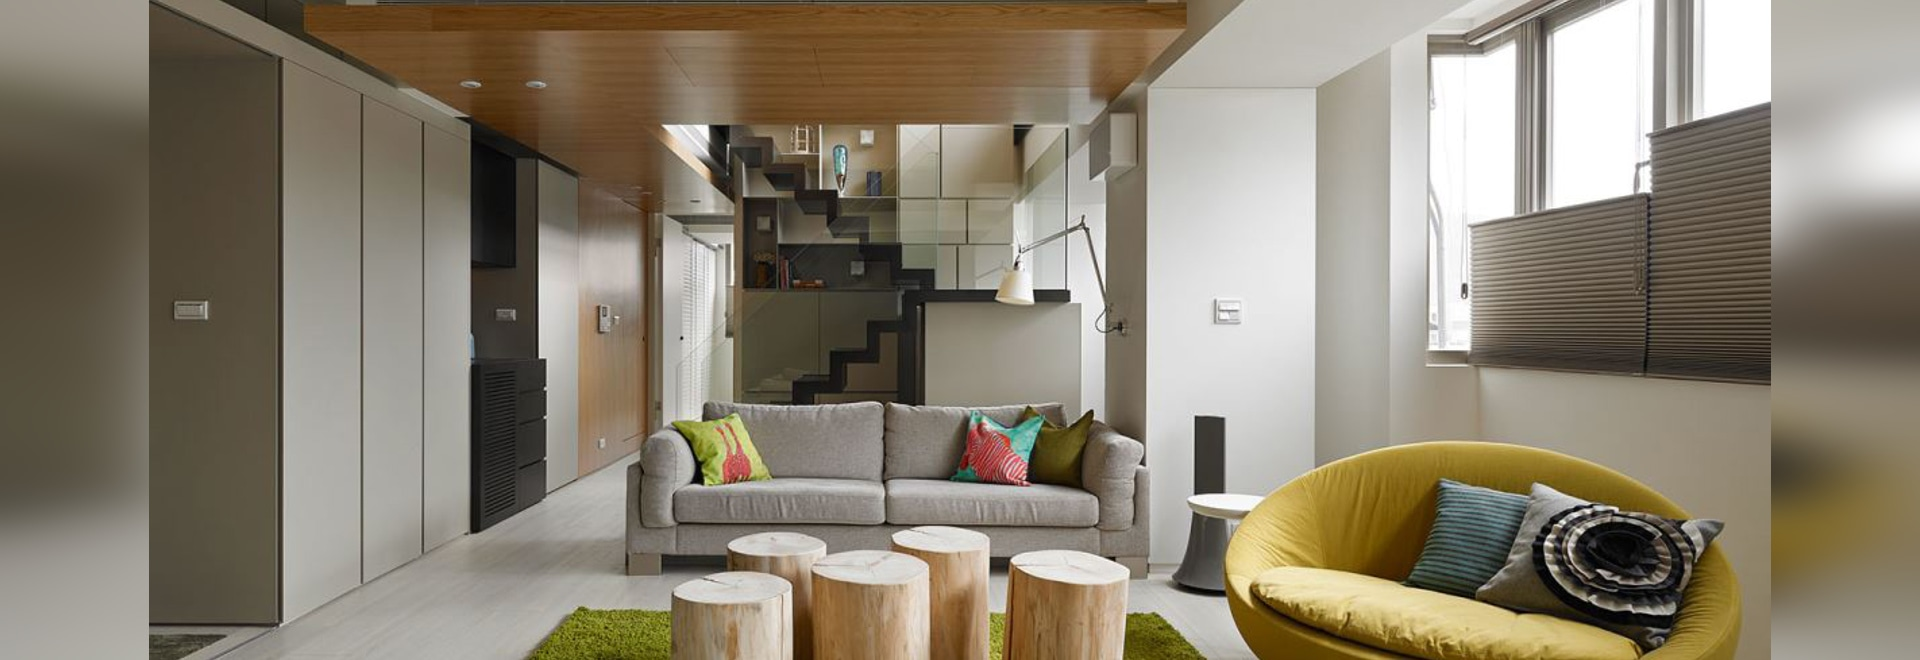 Unbedeutender Luxus von Asien: 3 erstaunliche Häuser durch freien ...